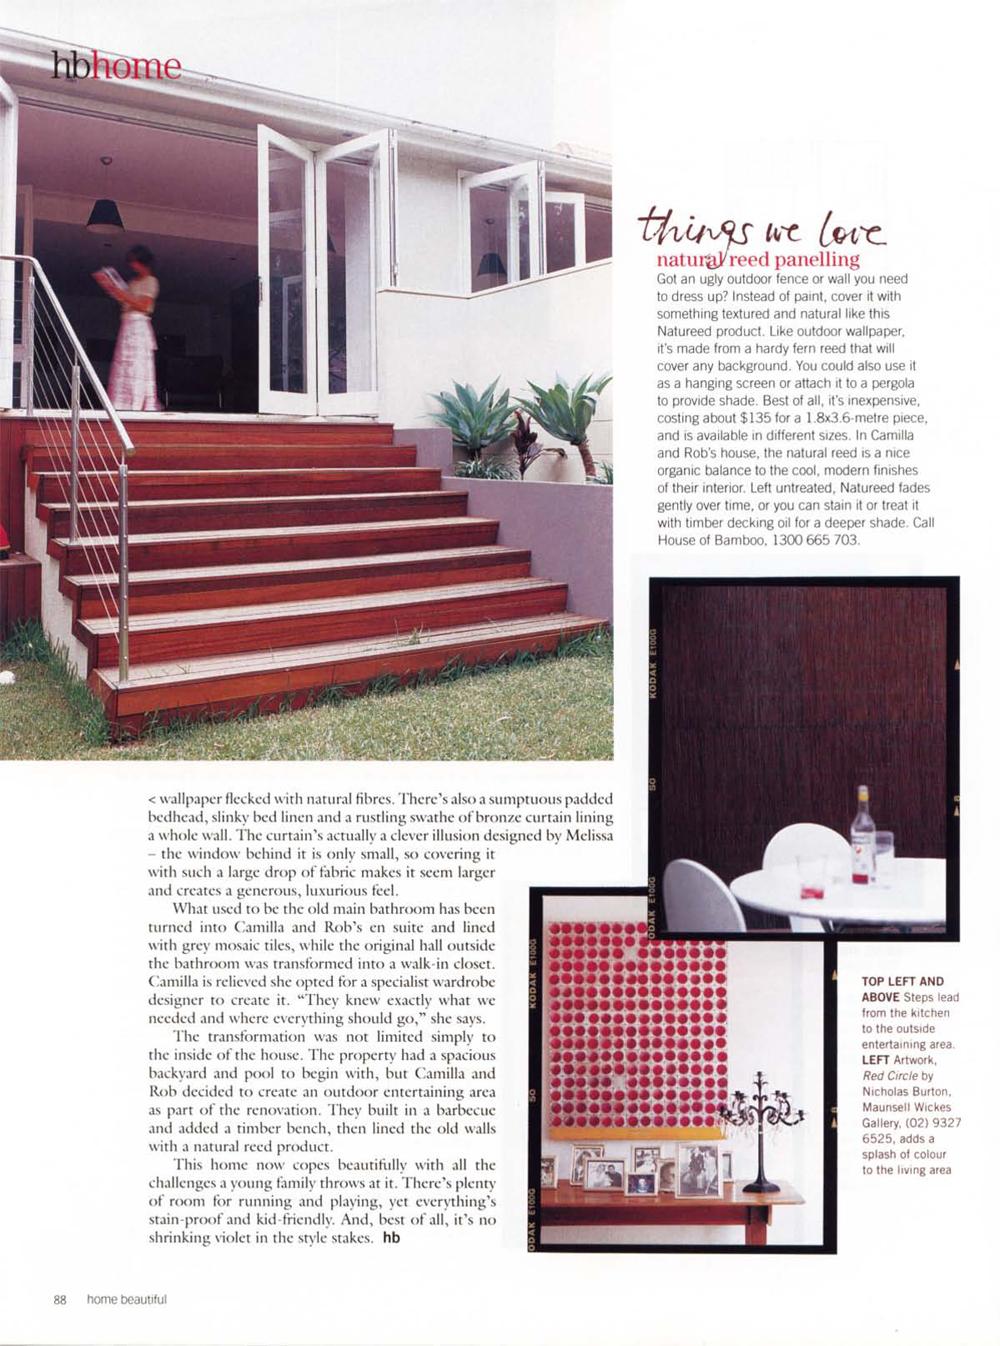 Home_Beautiful_June04_article1-8.jpg